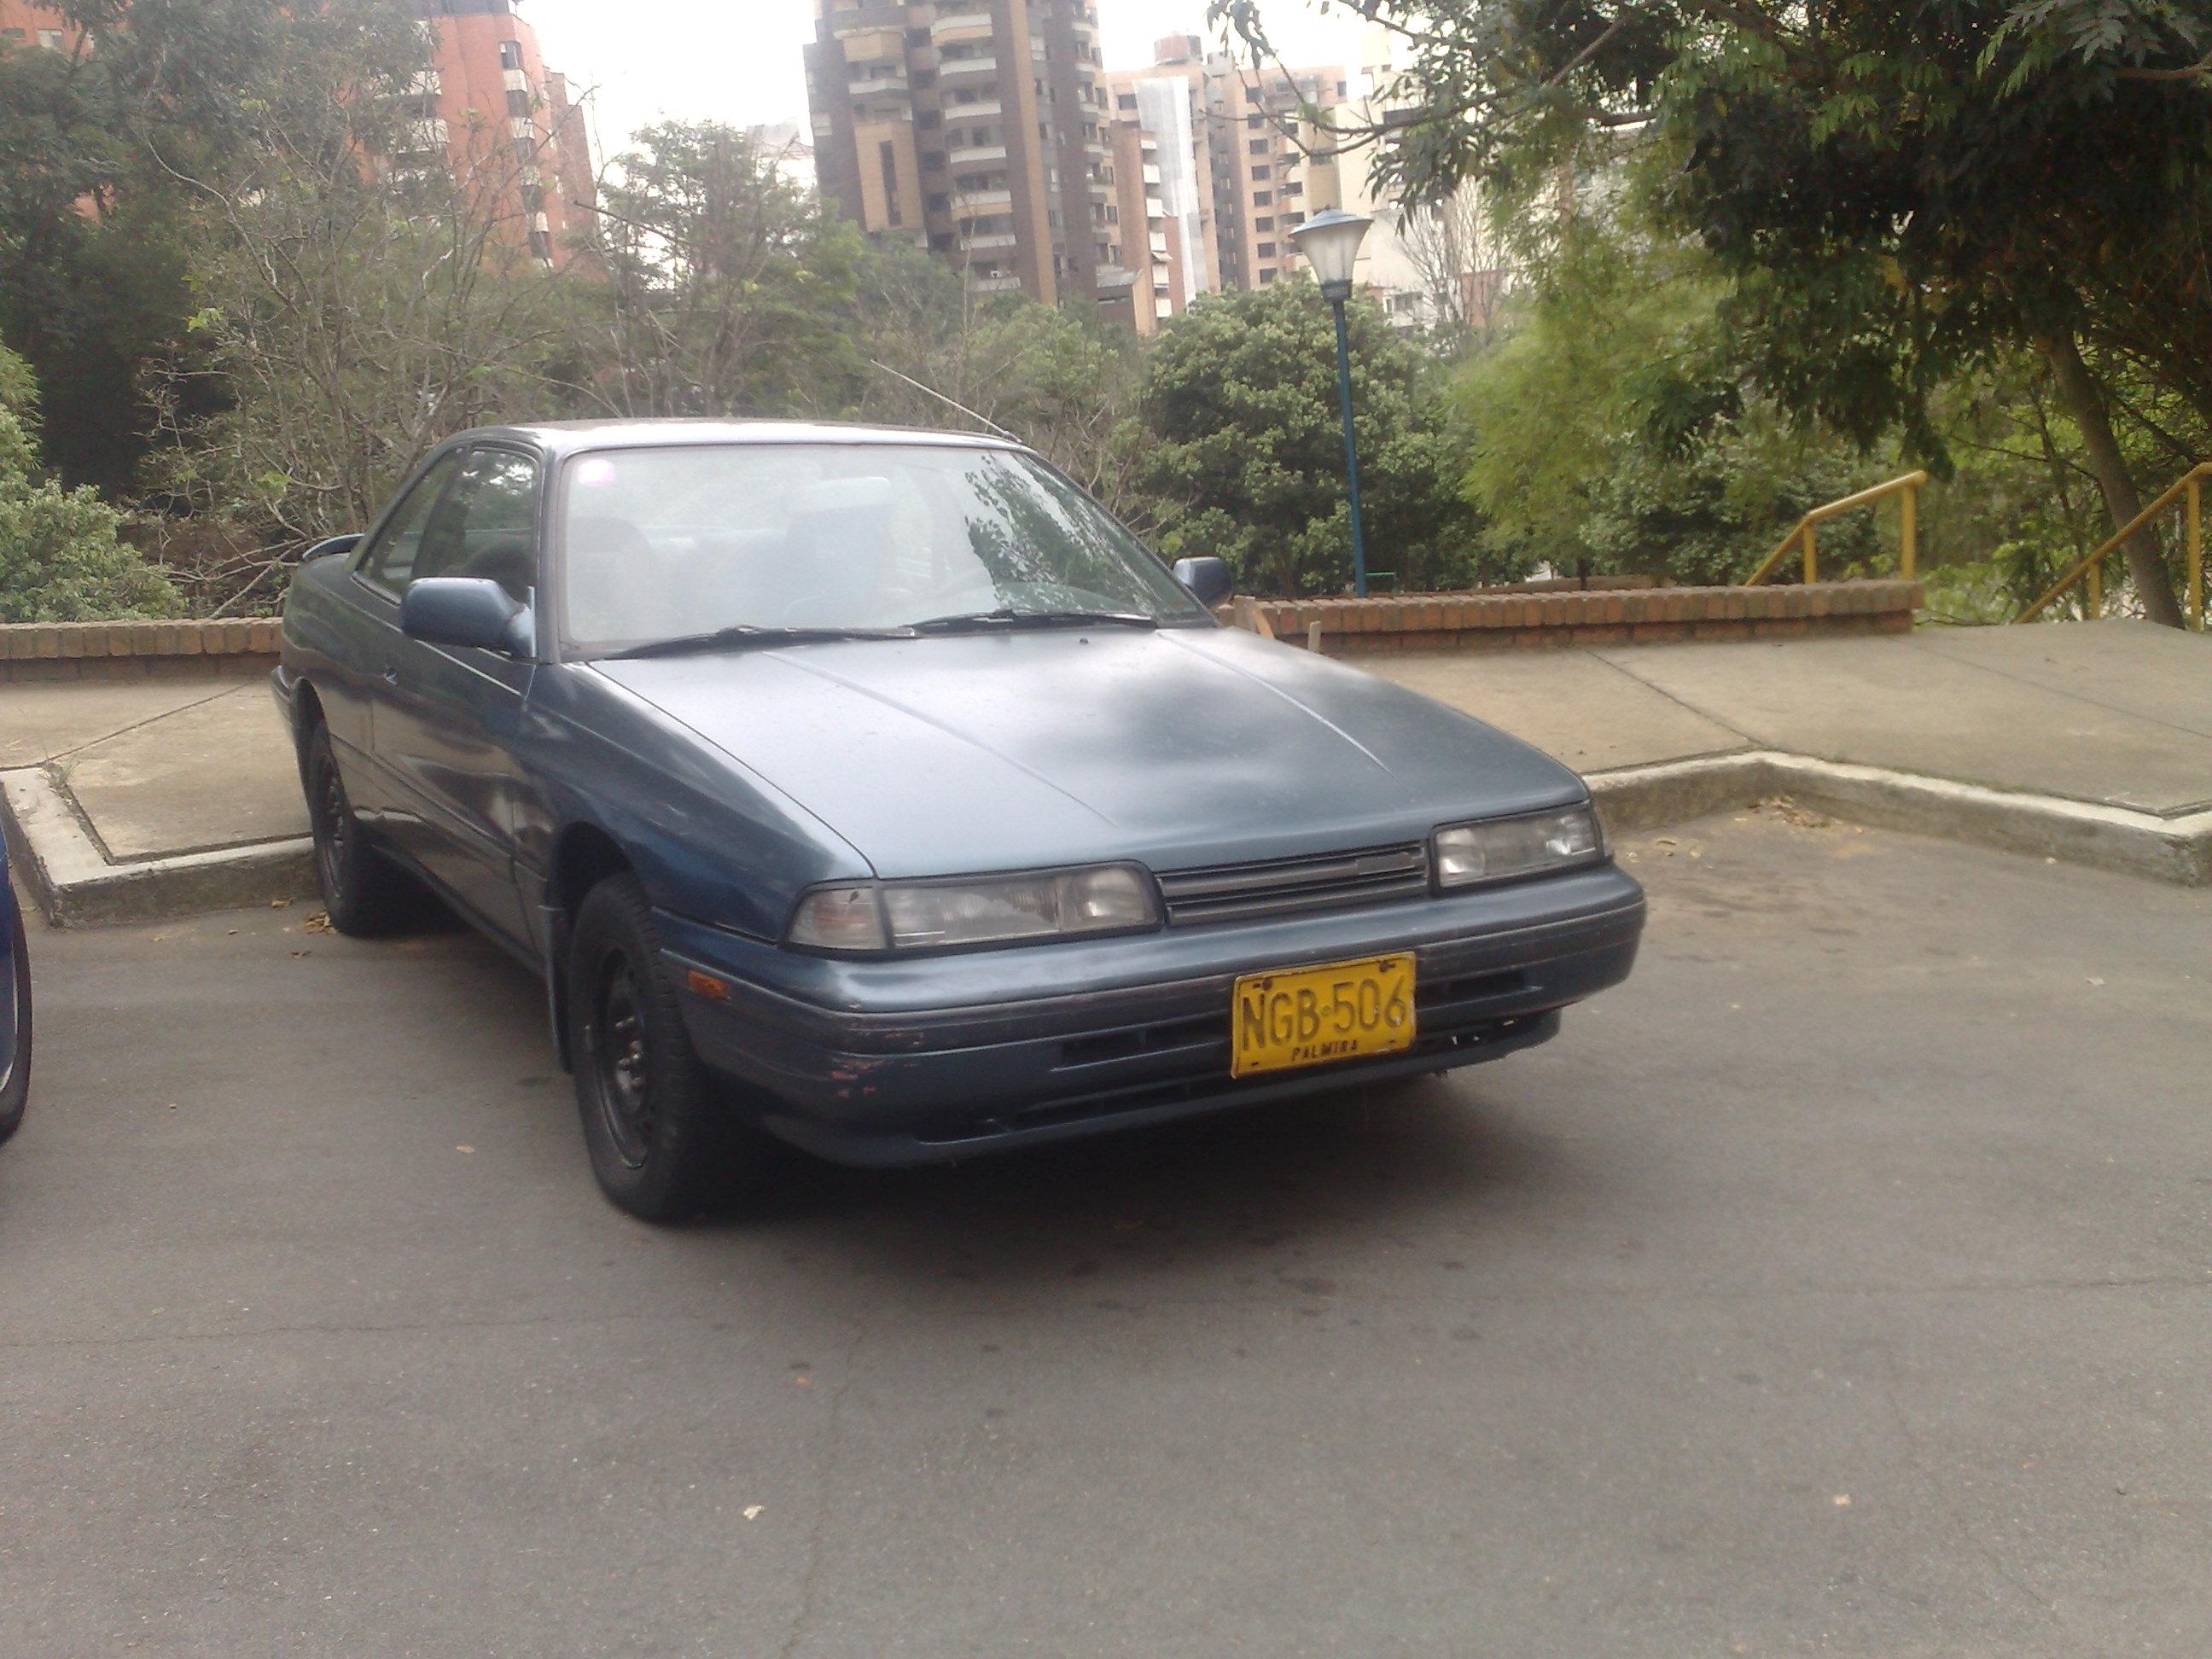 File:1987-1990 Mazda 626 GLX.jpg